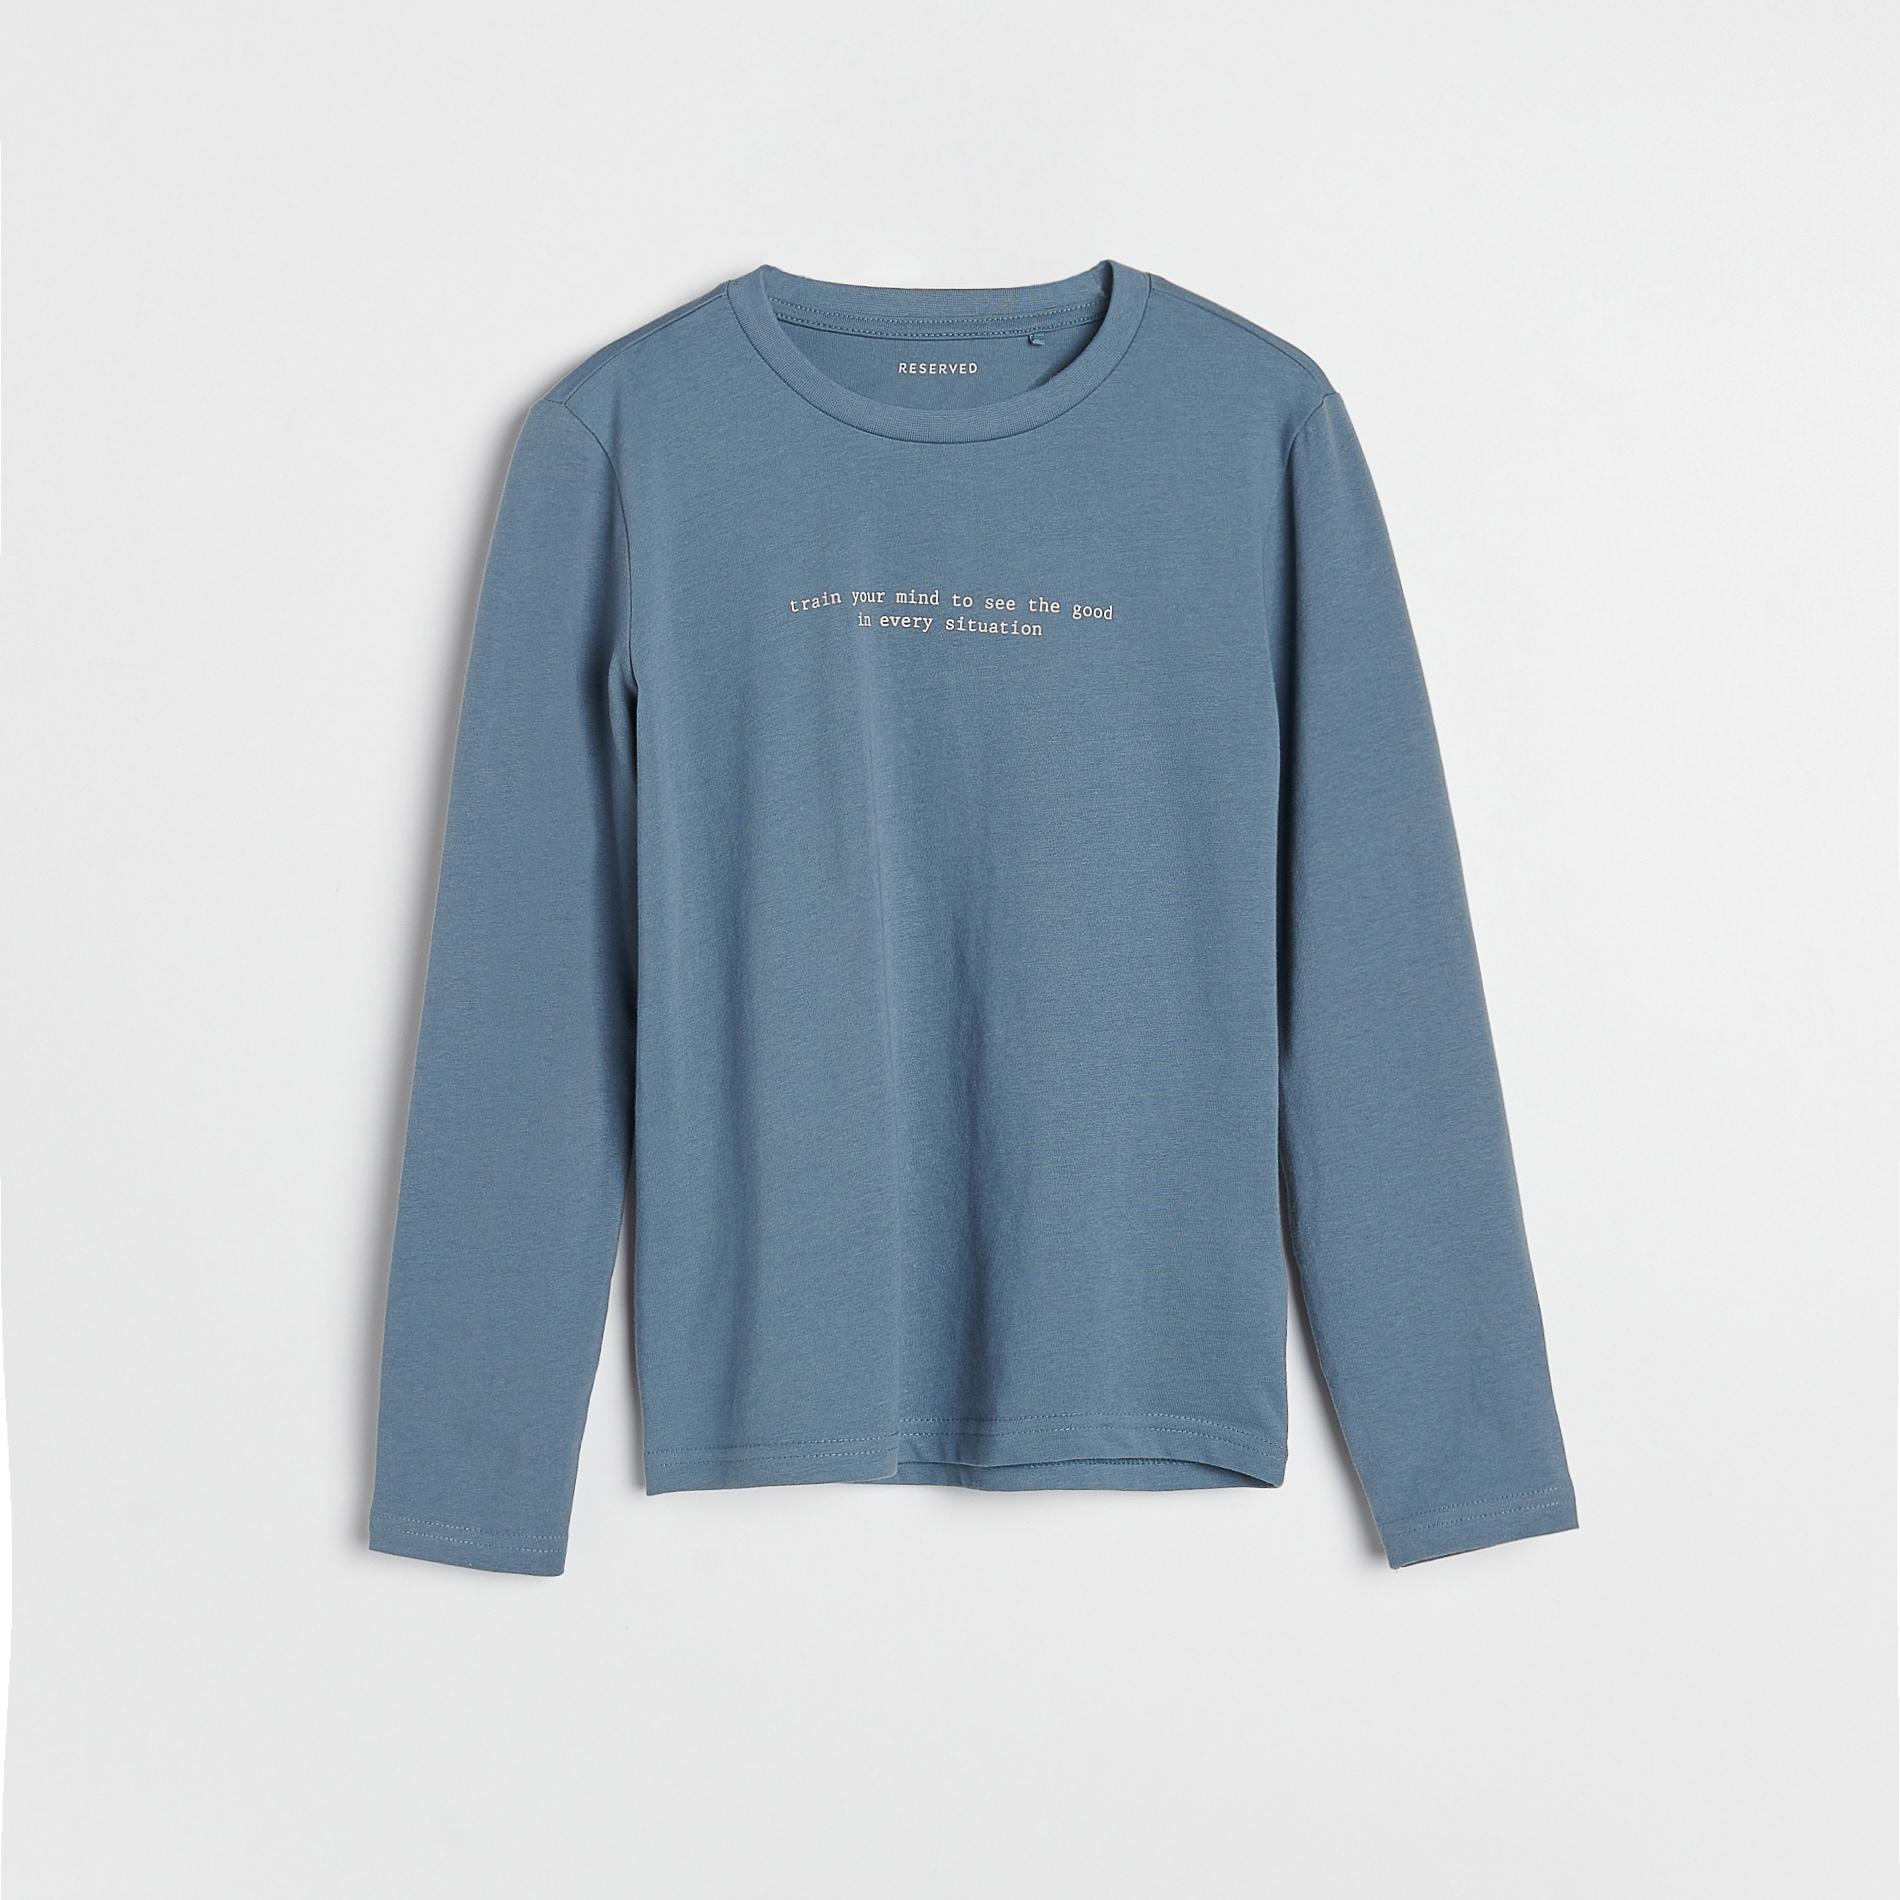 Reserved - Bavlněná košilka s potiskem - Modrá